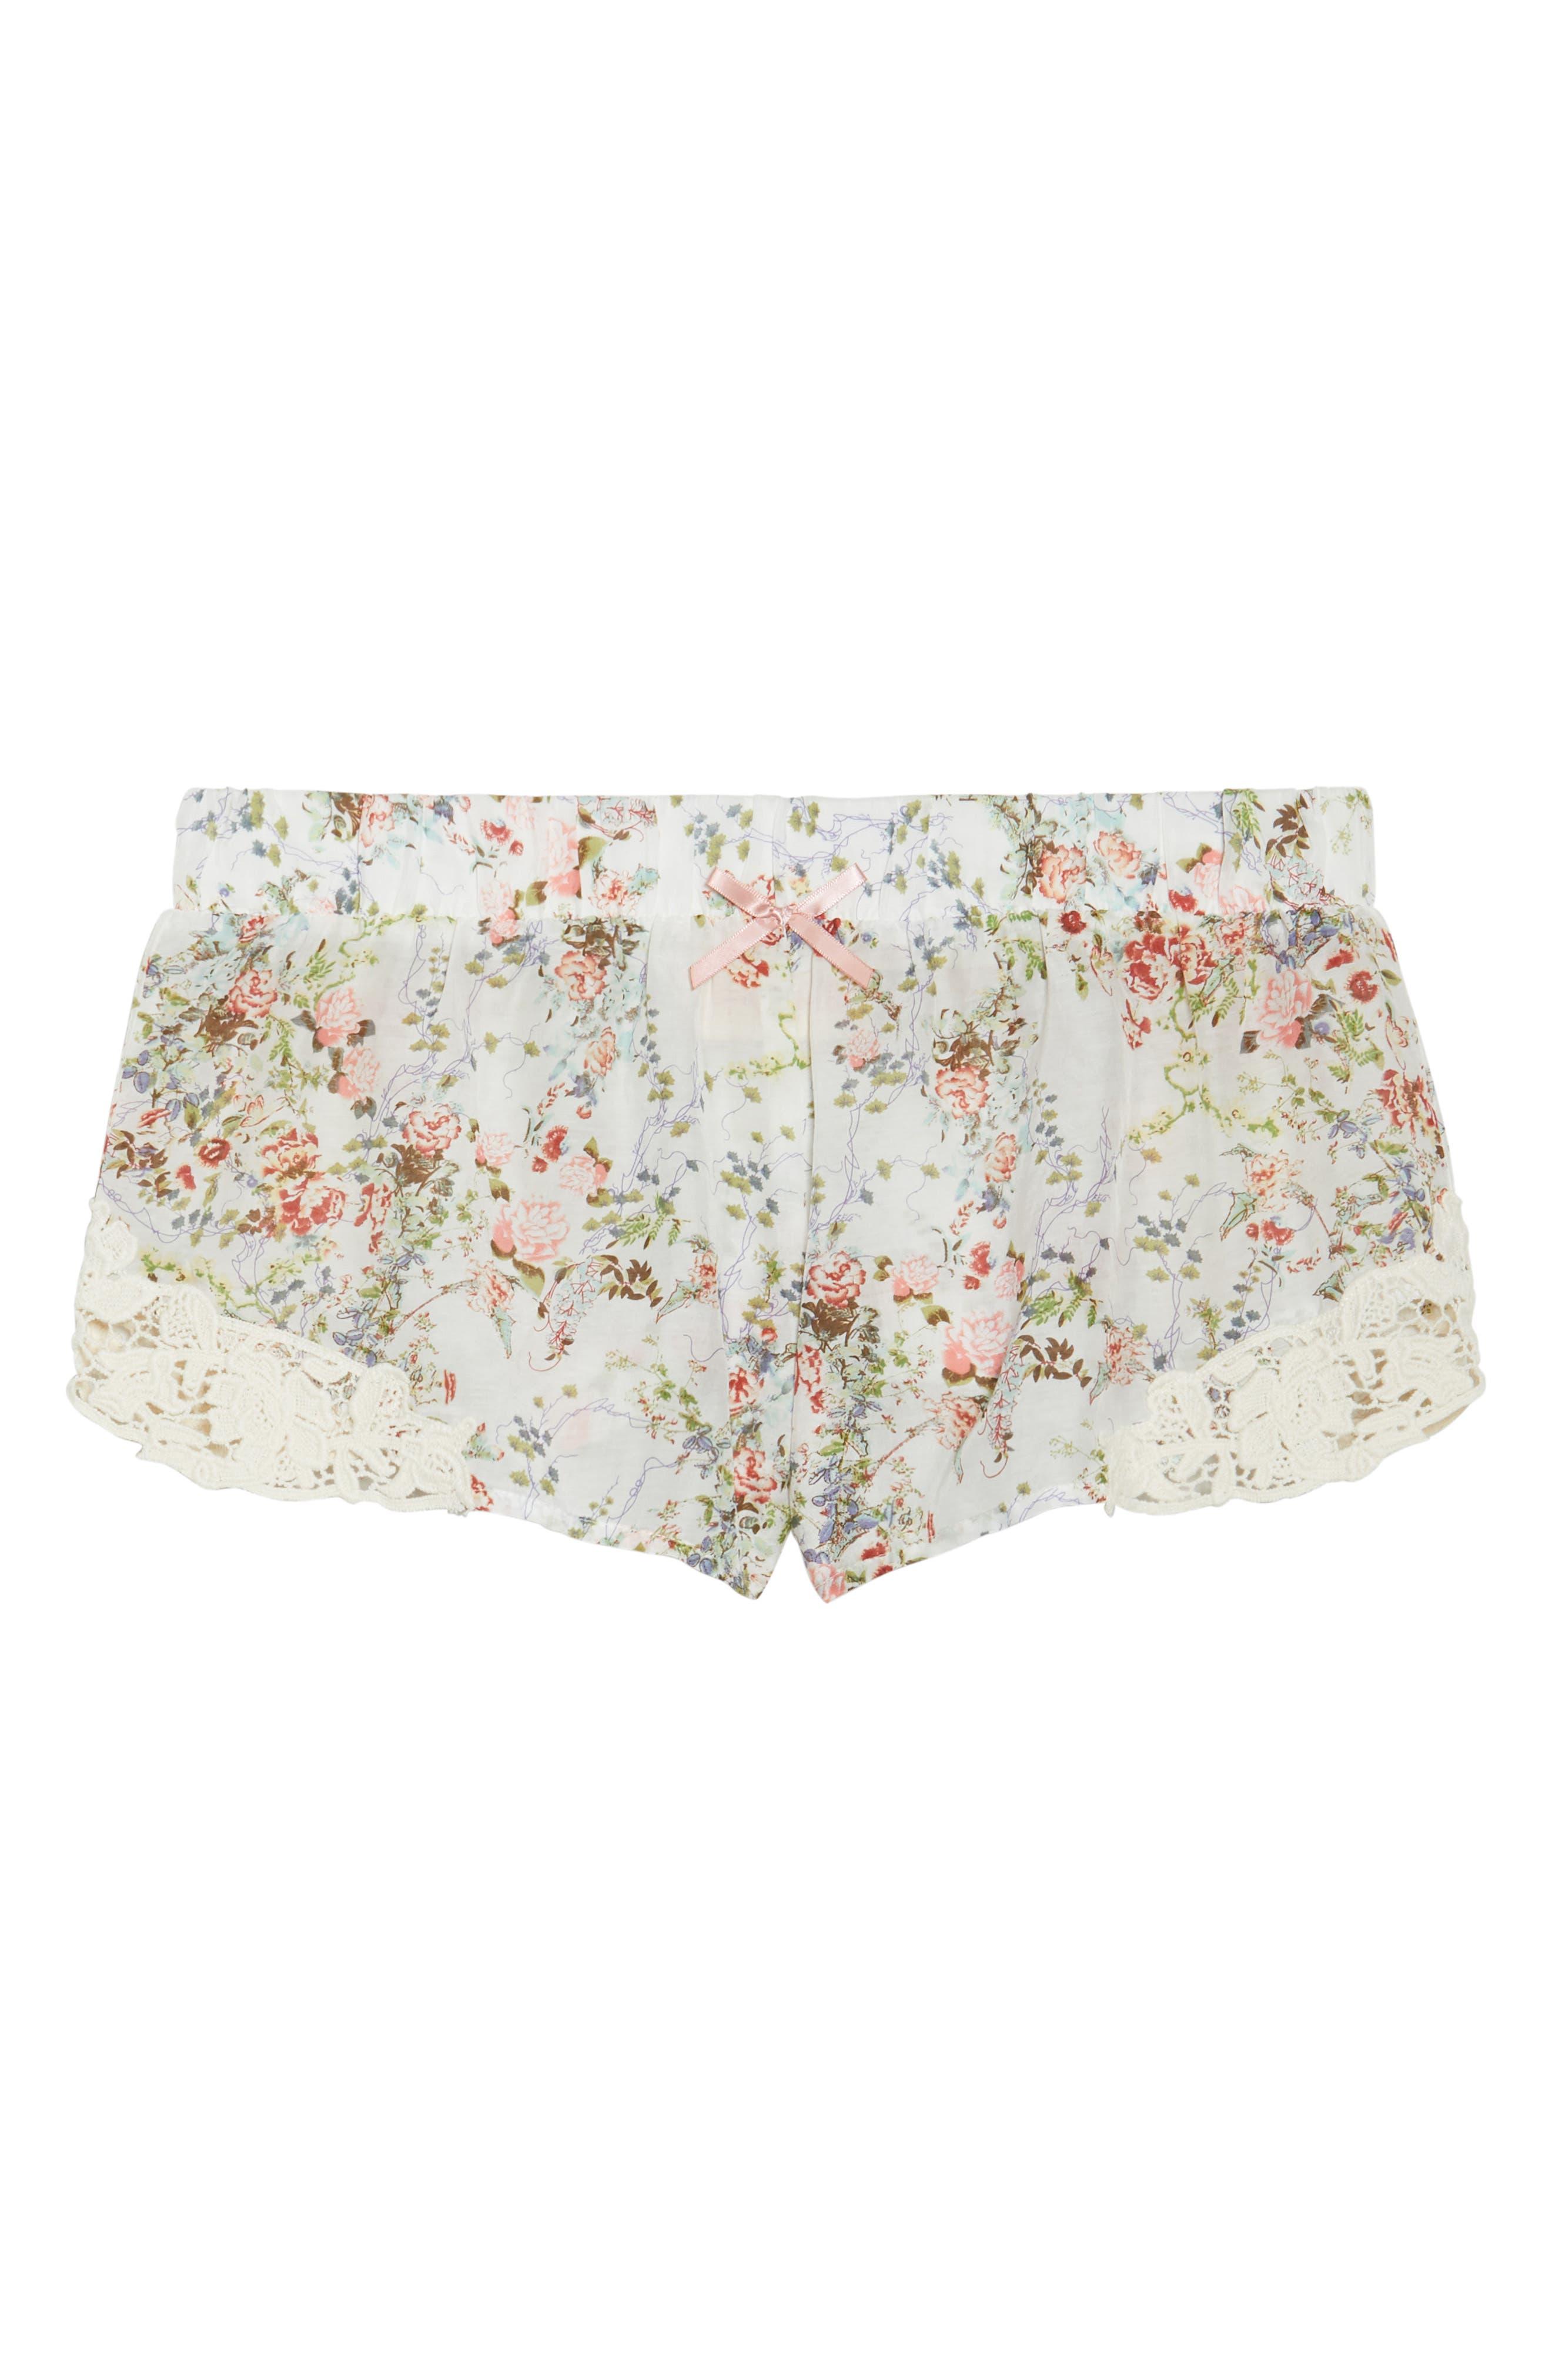 Yolly Floral Pajama Shorts,                             Alternate thumbnail 6, color,                             901